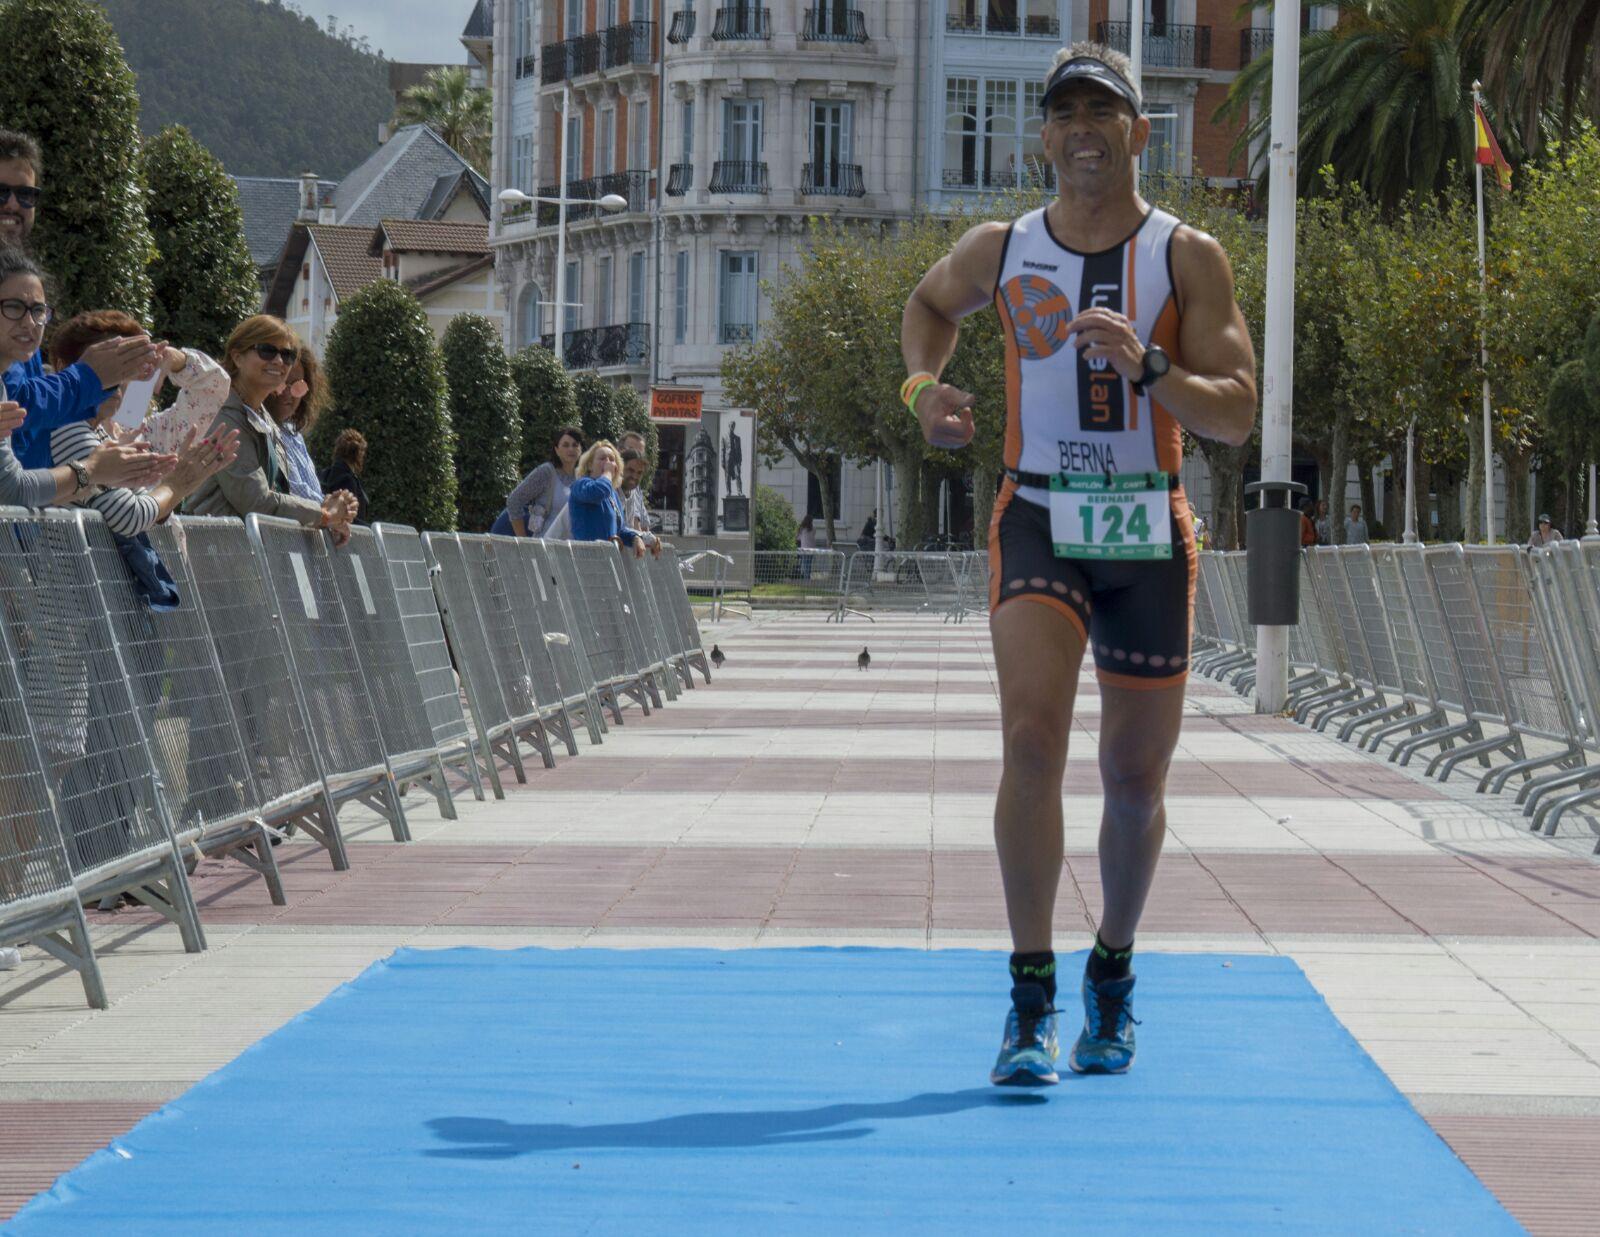 Berna acaba de revalidar su título de campeón de España de cuadriatlón.